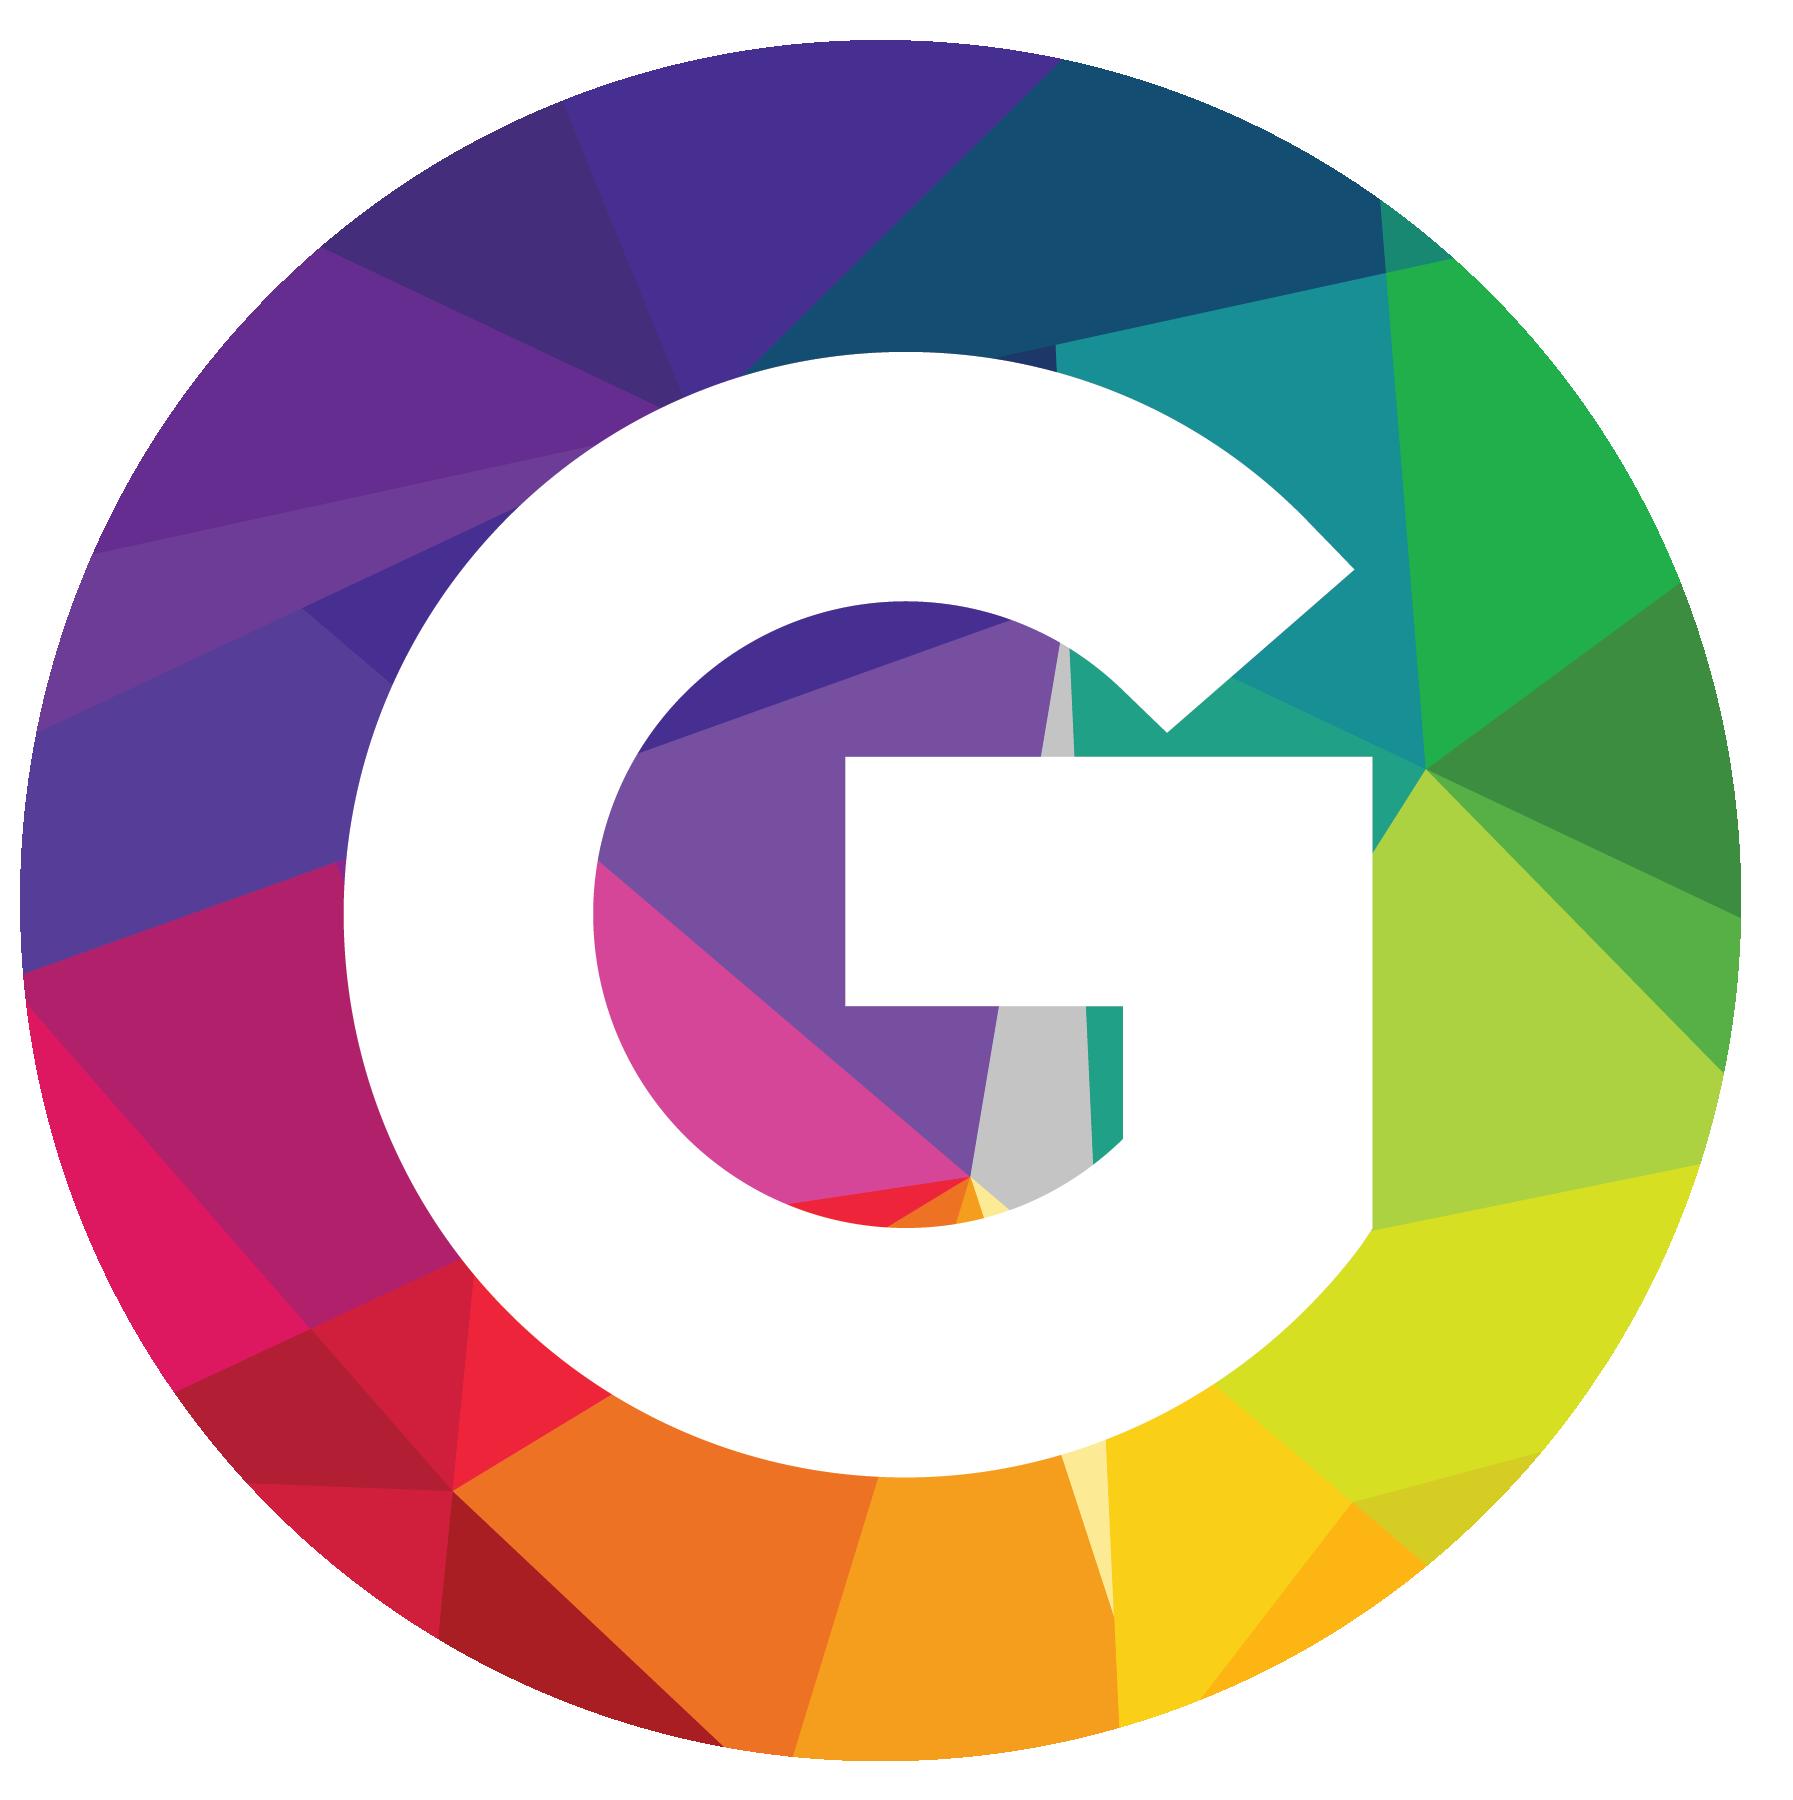 G circle logo.png